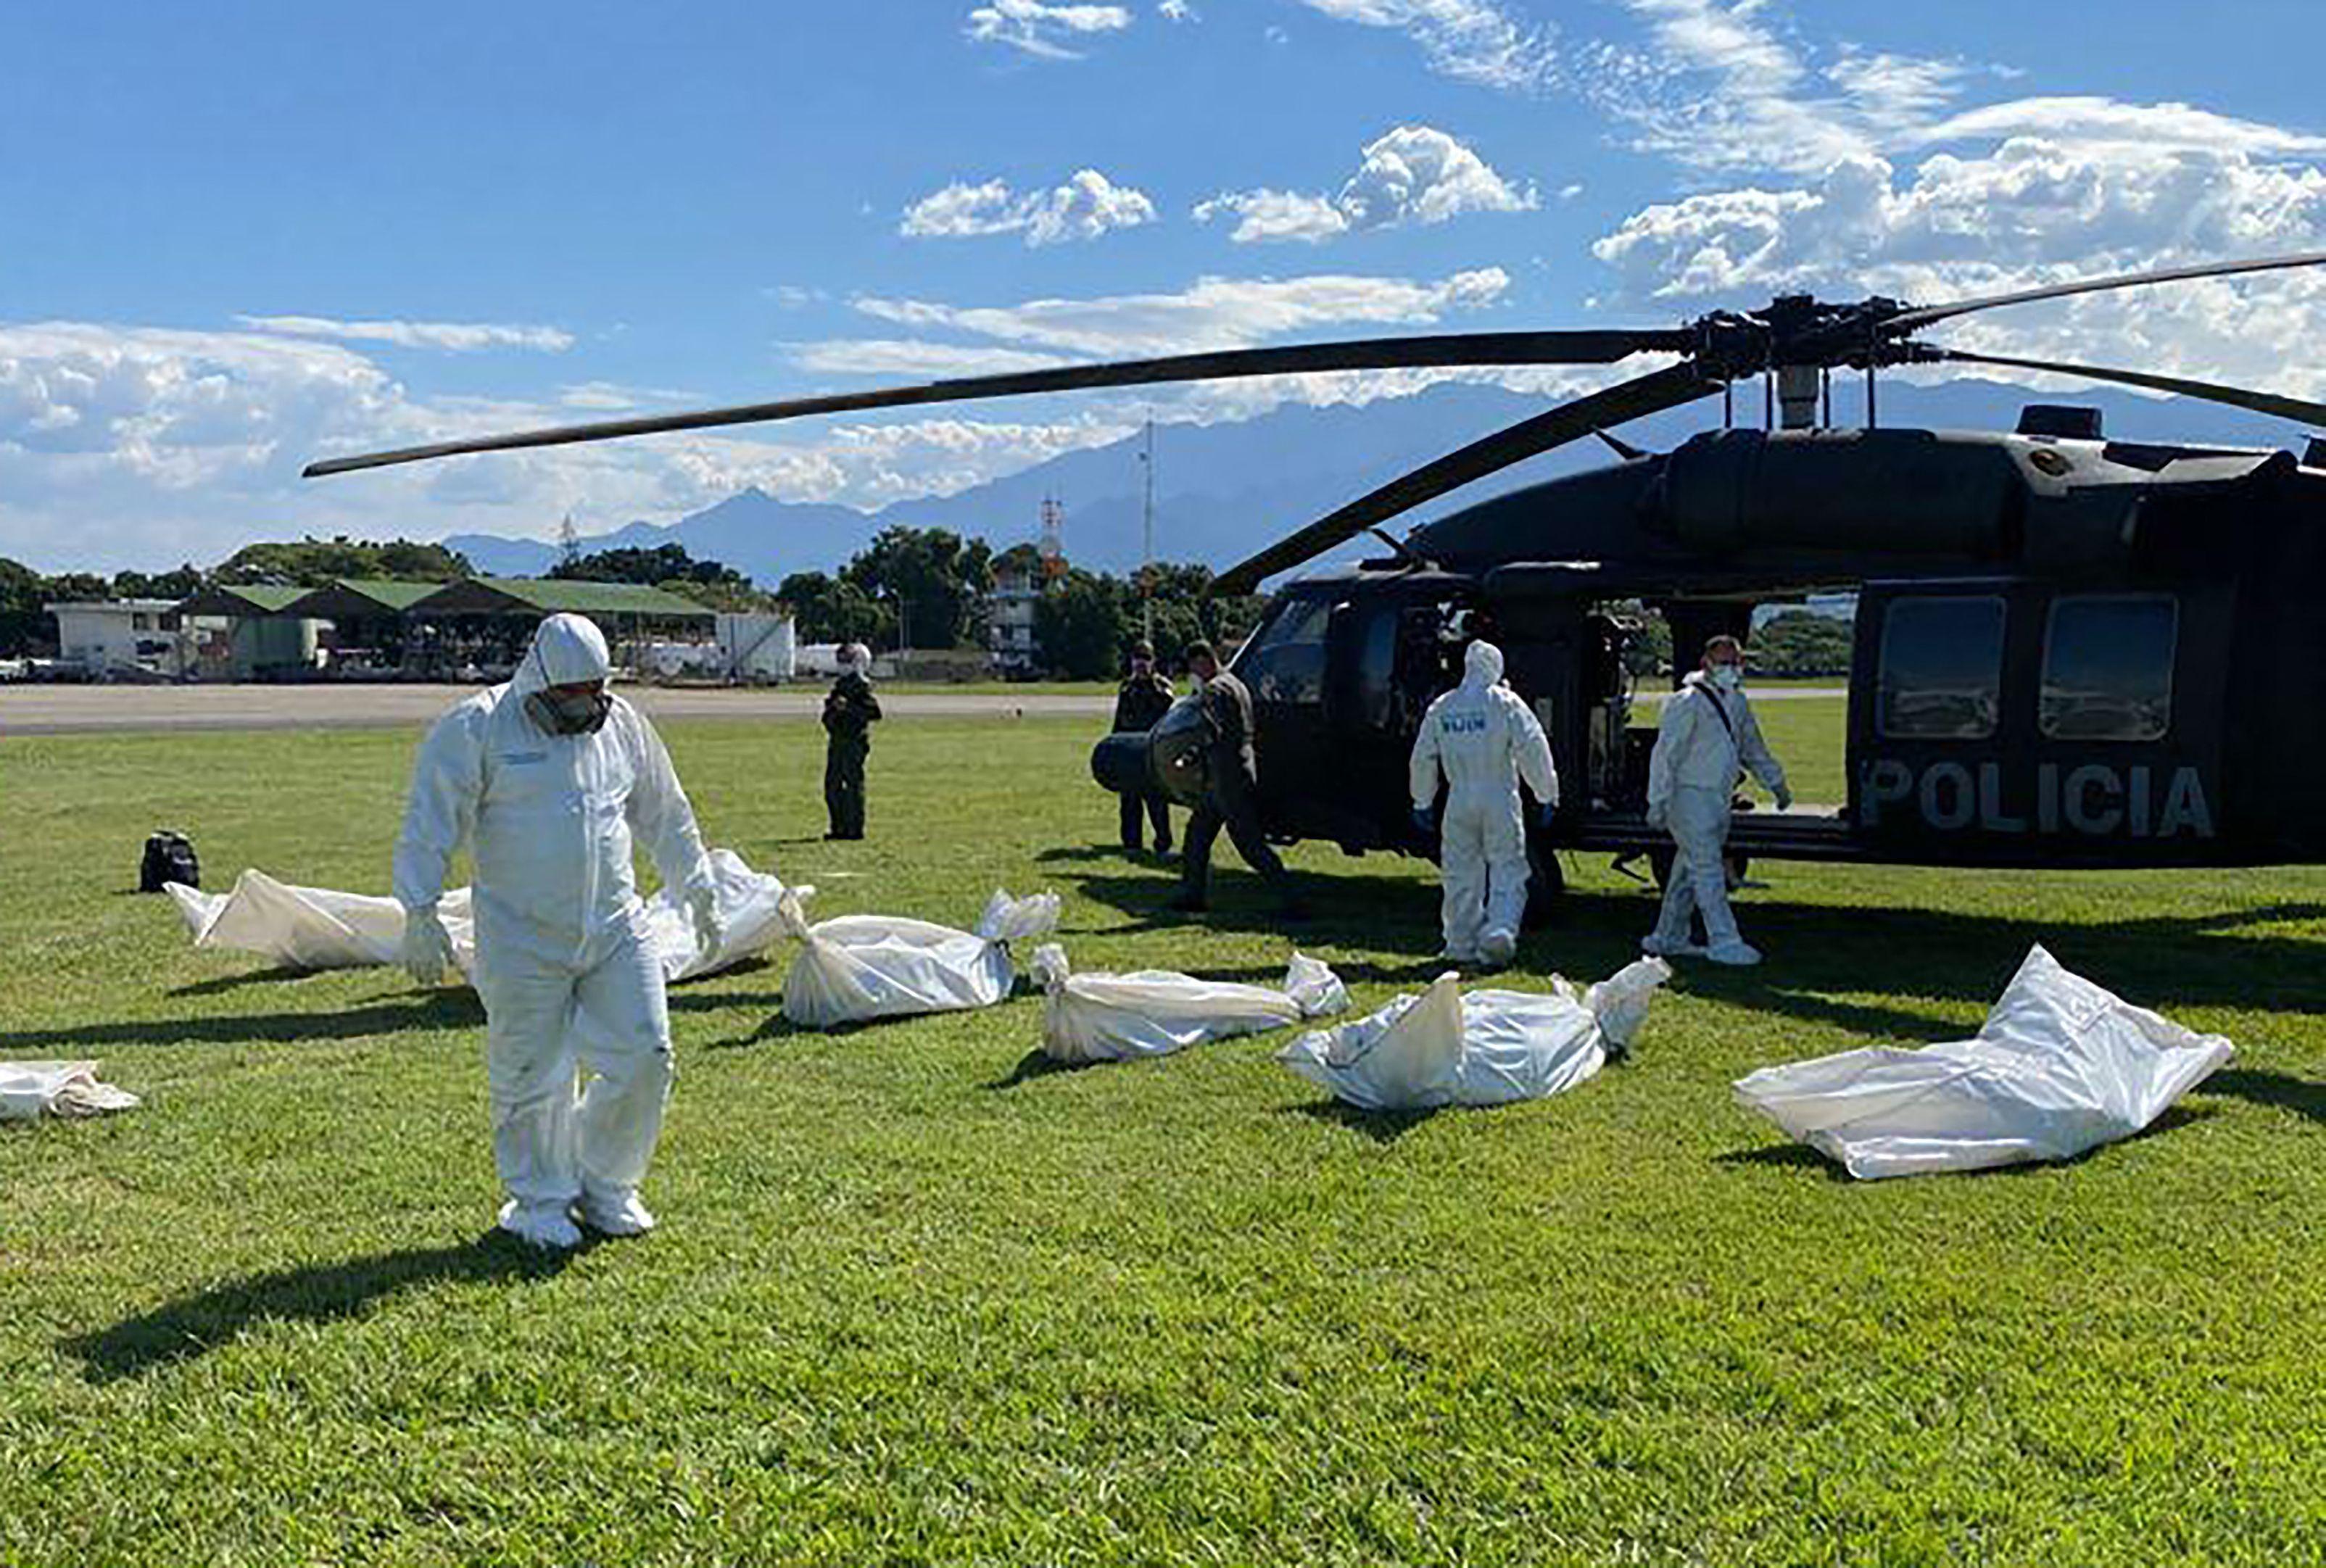 Esta foto muestra a algunos de los cuerpos que fueron extraídos del Litoral del San Juan tras el bombardeo.  / AFP